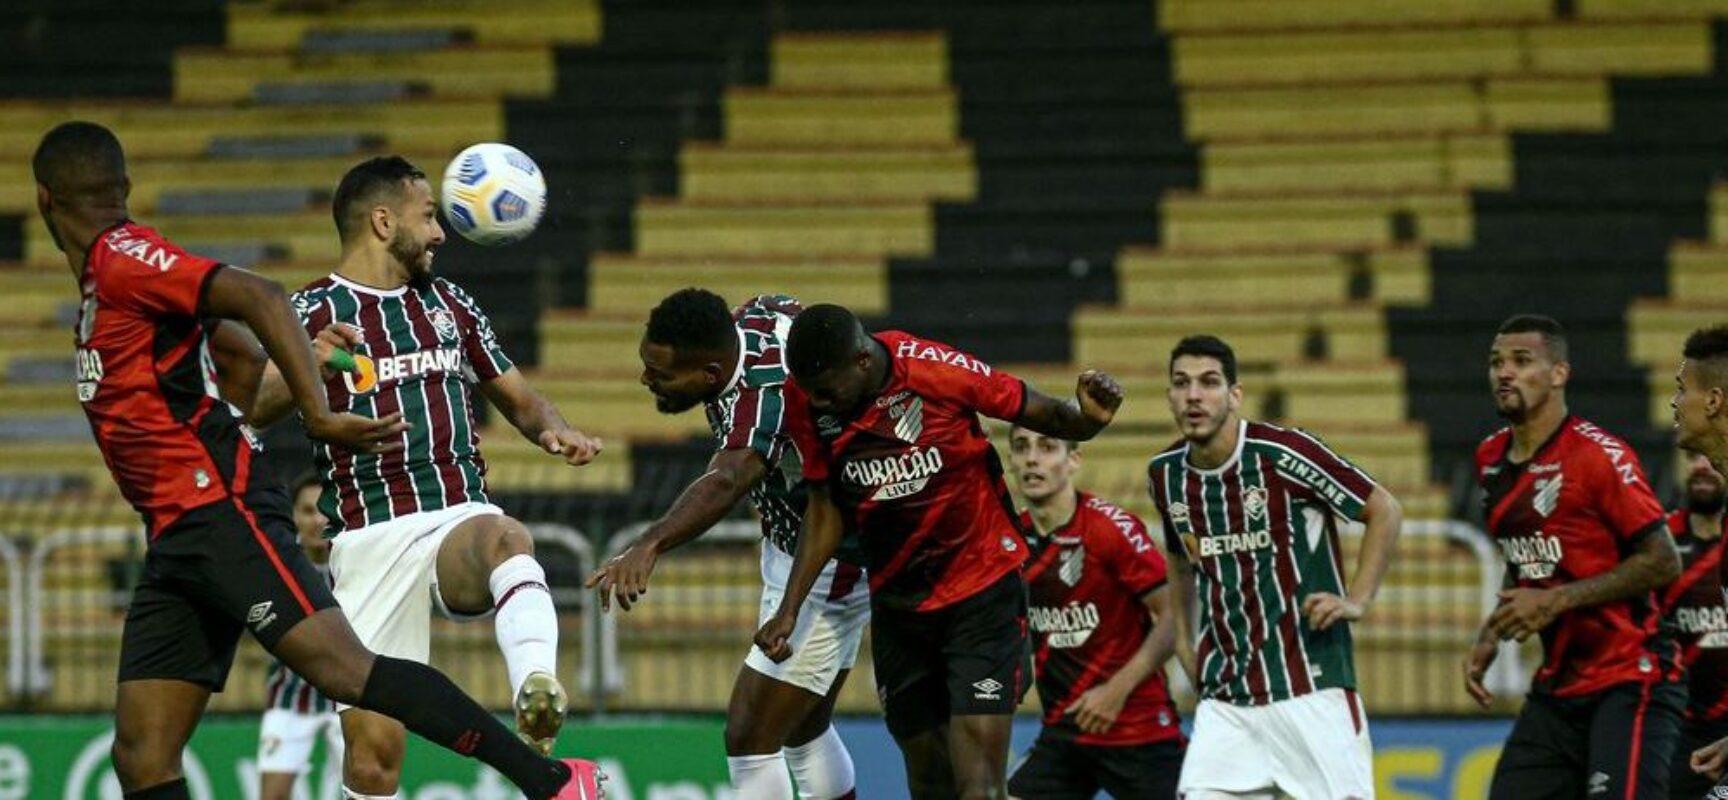 Brasileiro: Athletico-PR supera Fluminense e permanece vice-líder